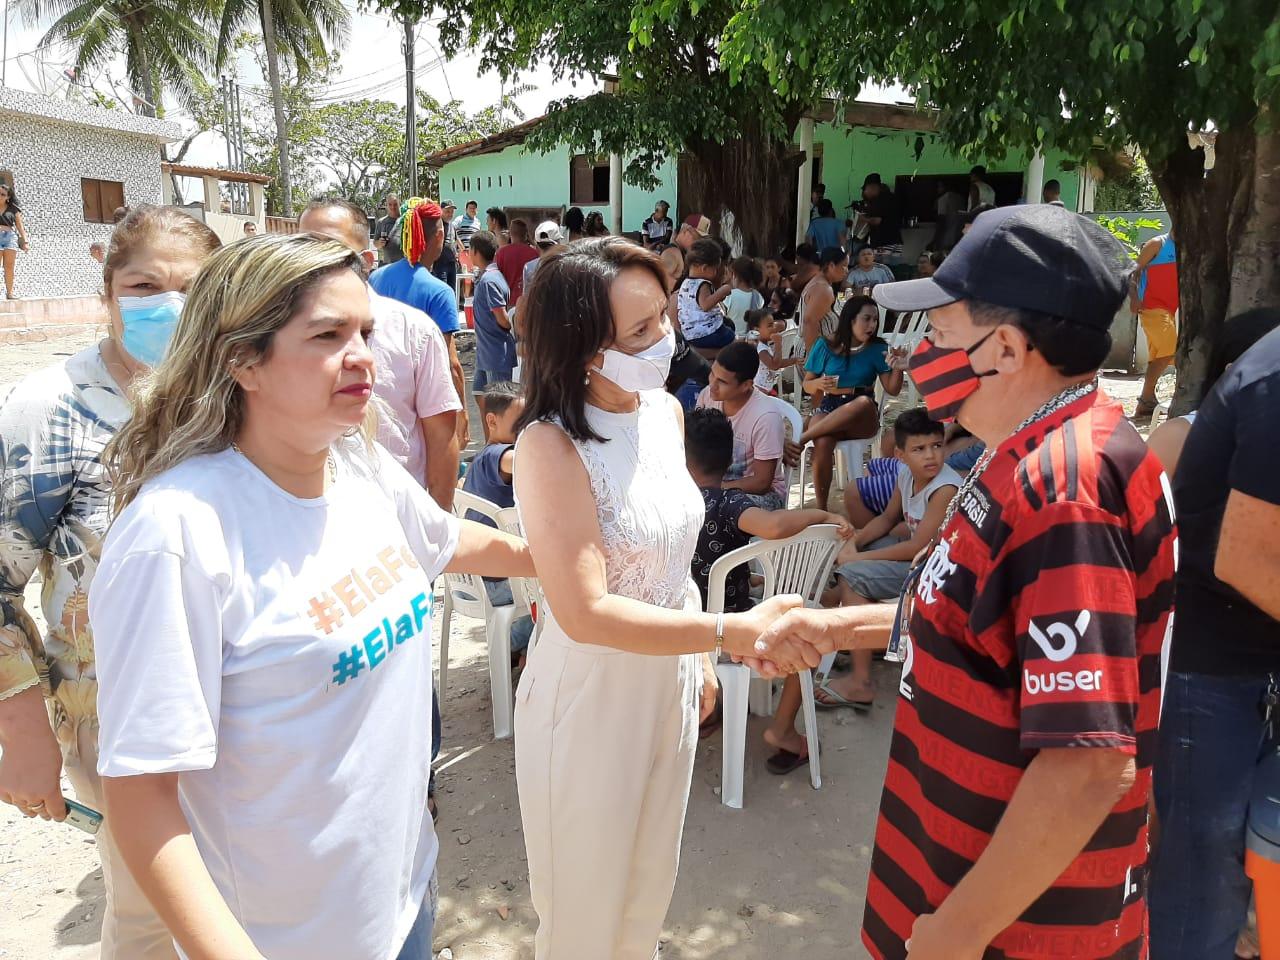 WhatsApp Image 2020 09 21 at 11.32.26 - Edilma Freire defende fortalecimento dos bairros e comunidades